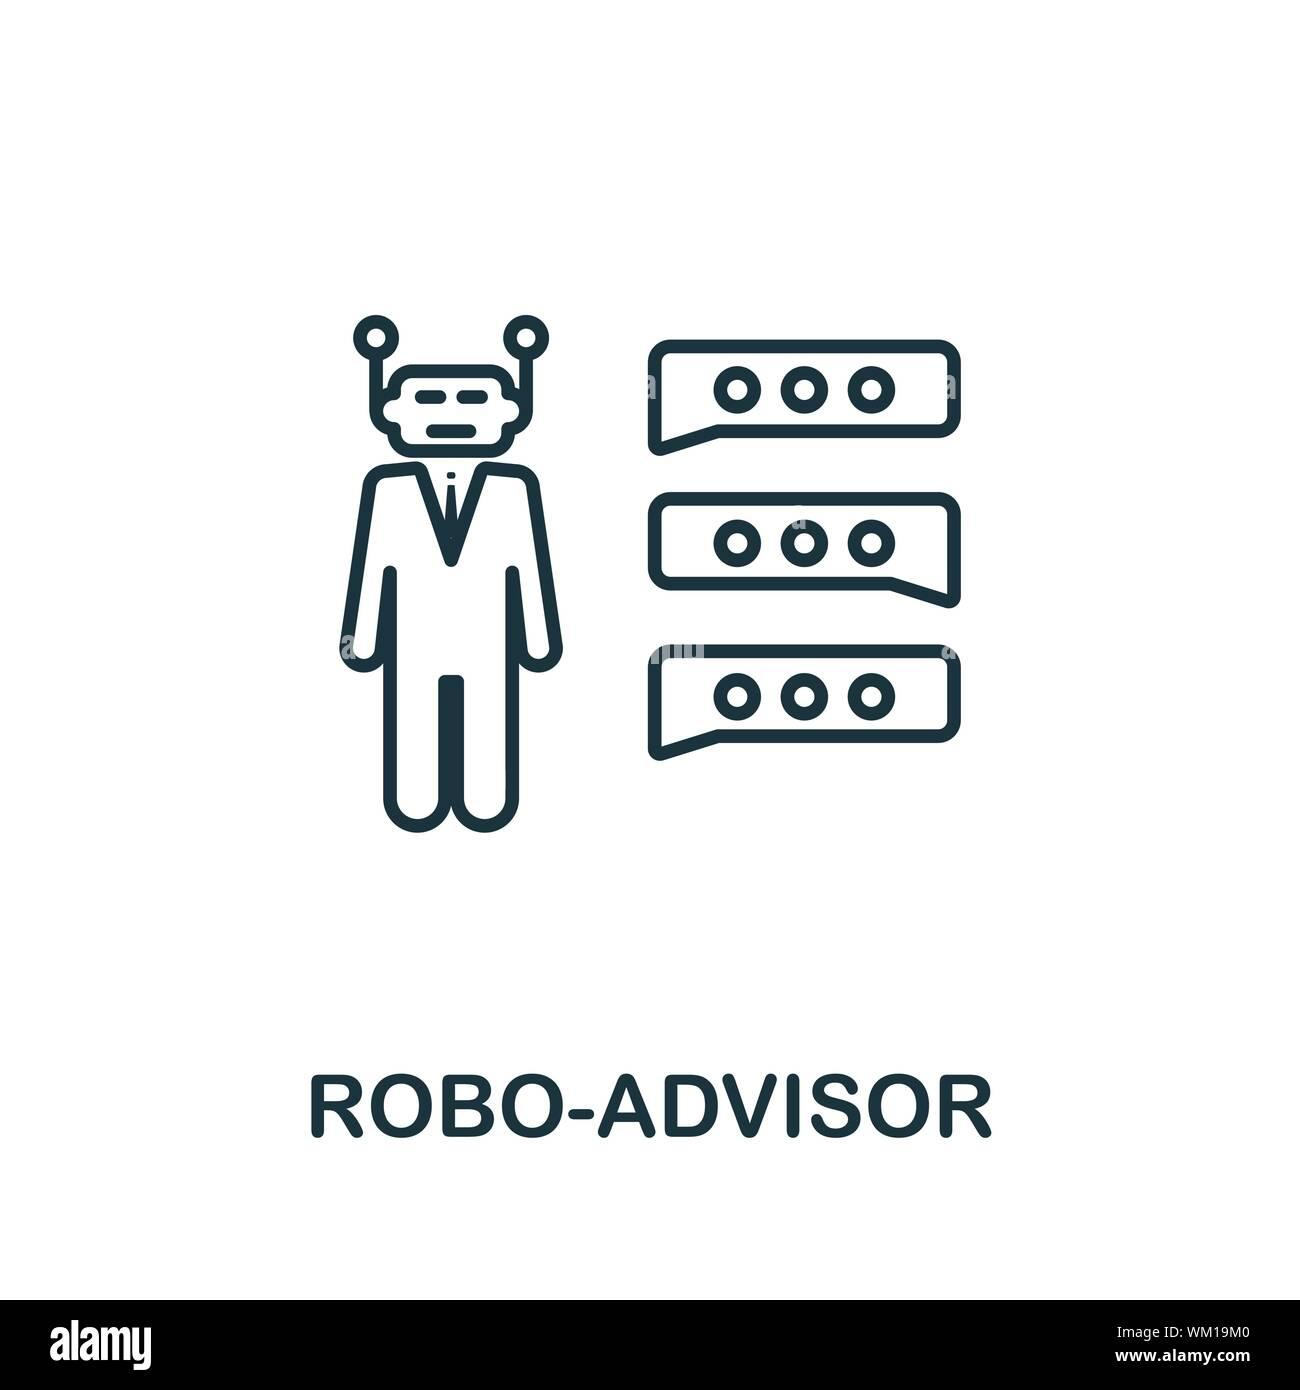 Robo-Advisor Umrisse Symbol. Thin Line Konzept Element von fintech Technologie icons Collection. Kreative Robo-Advisor Symbol für mobile Anwendungen und das Web Stock Vektor